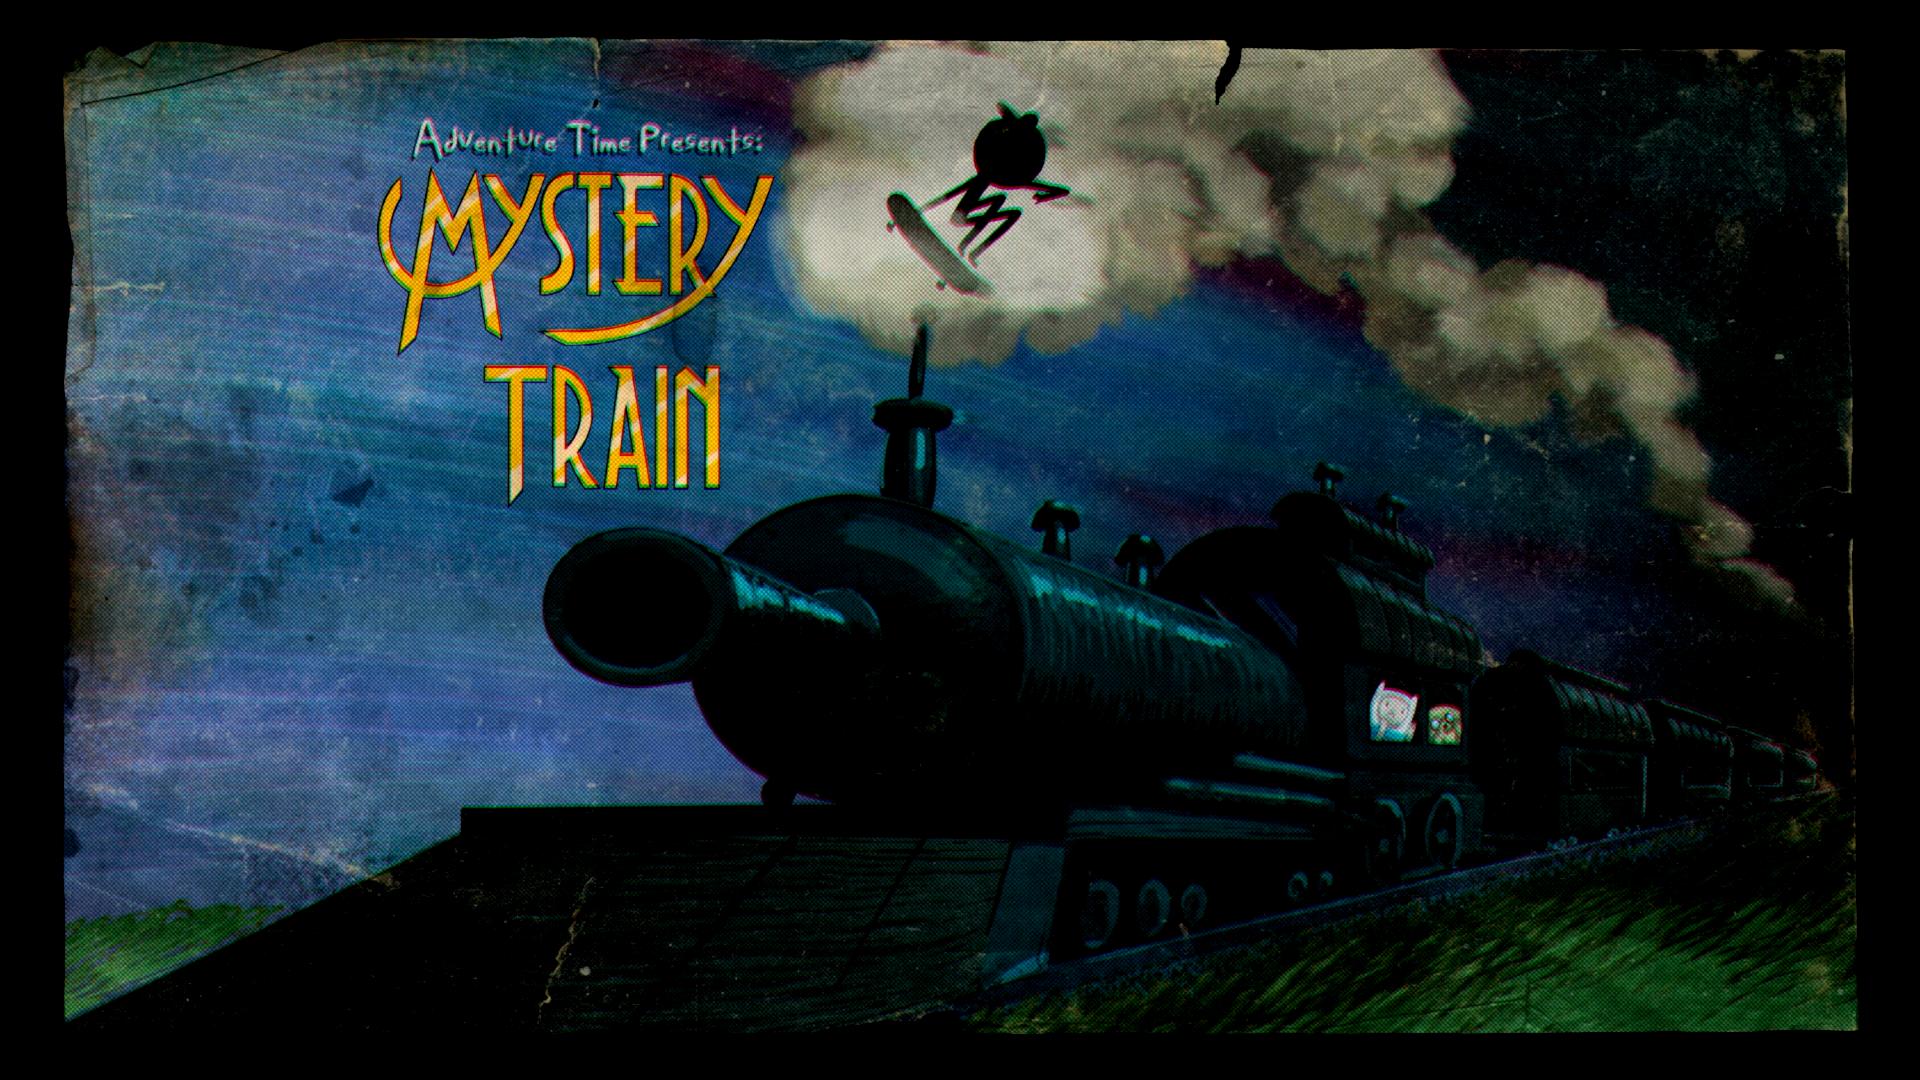 Mystery Train Adventure Time Wiki Fandom Powered By Wikia